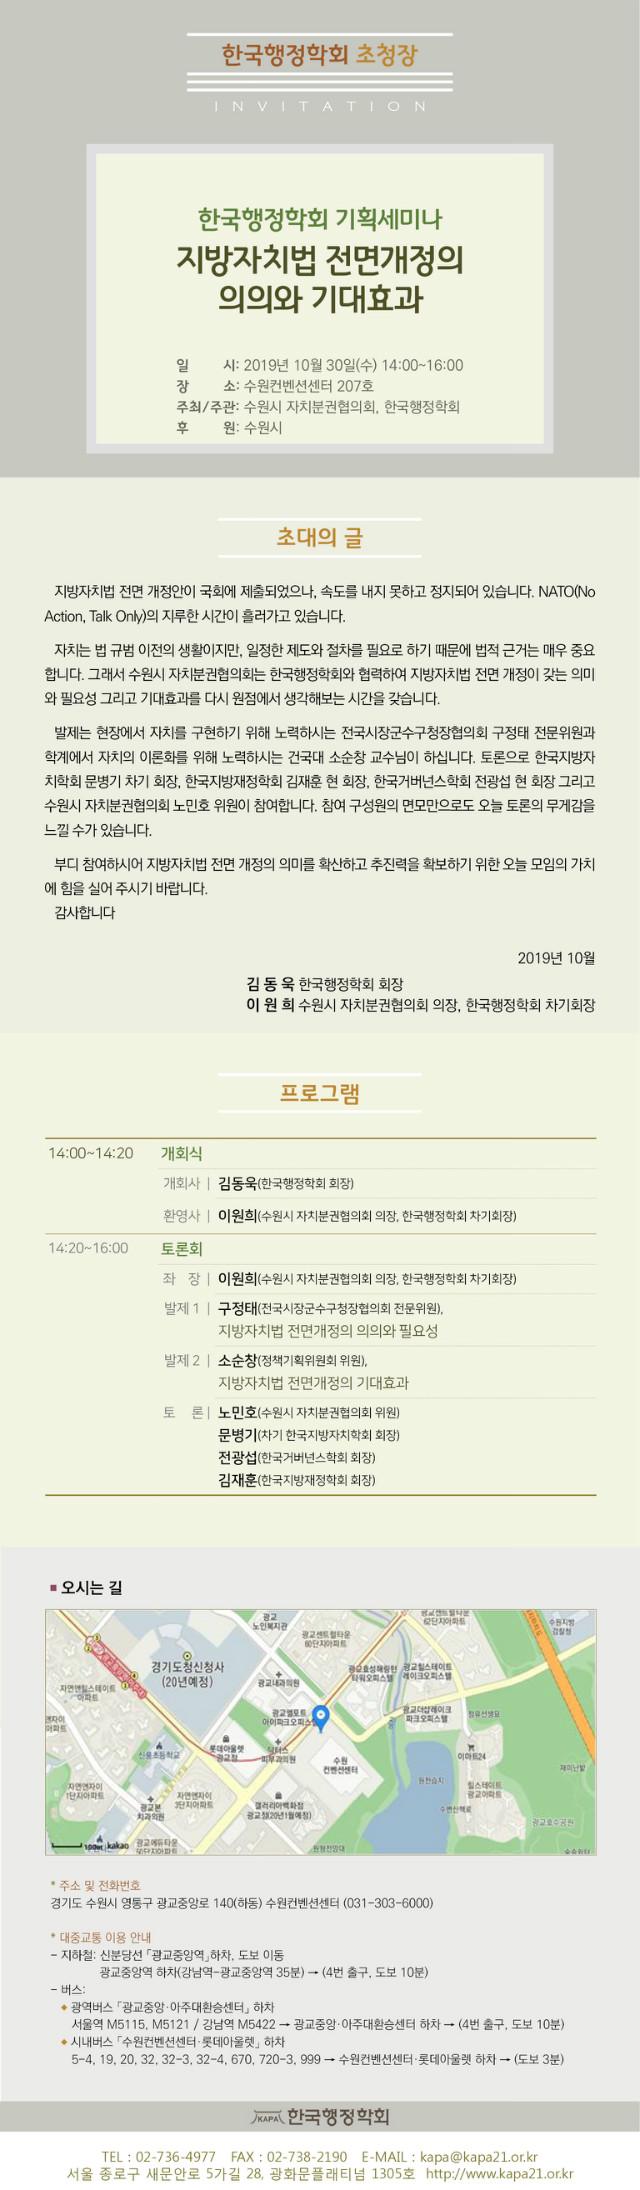 한국행정학회 기획세미나 초청장.jpg